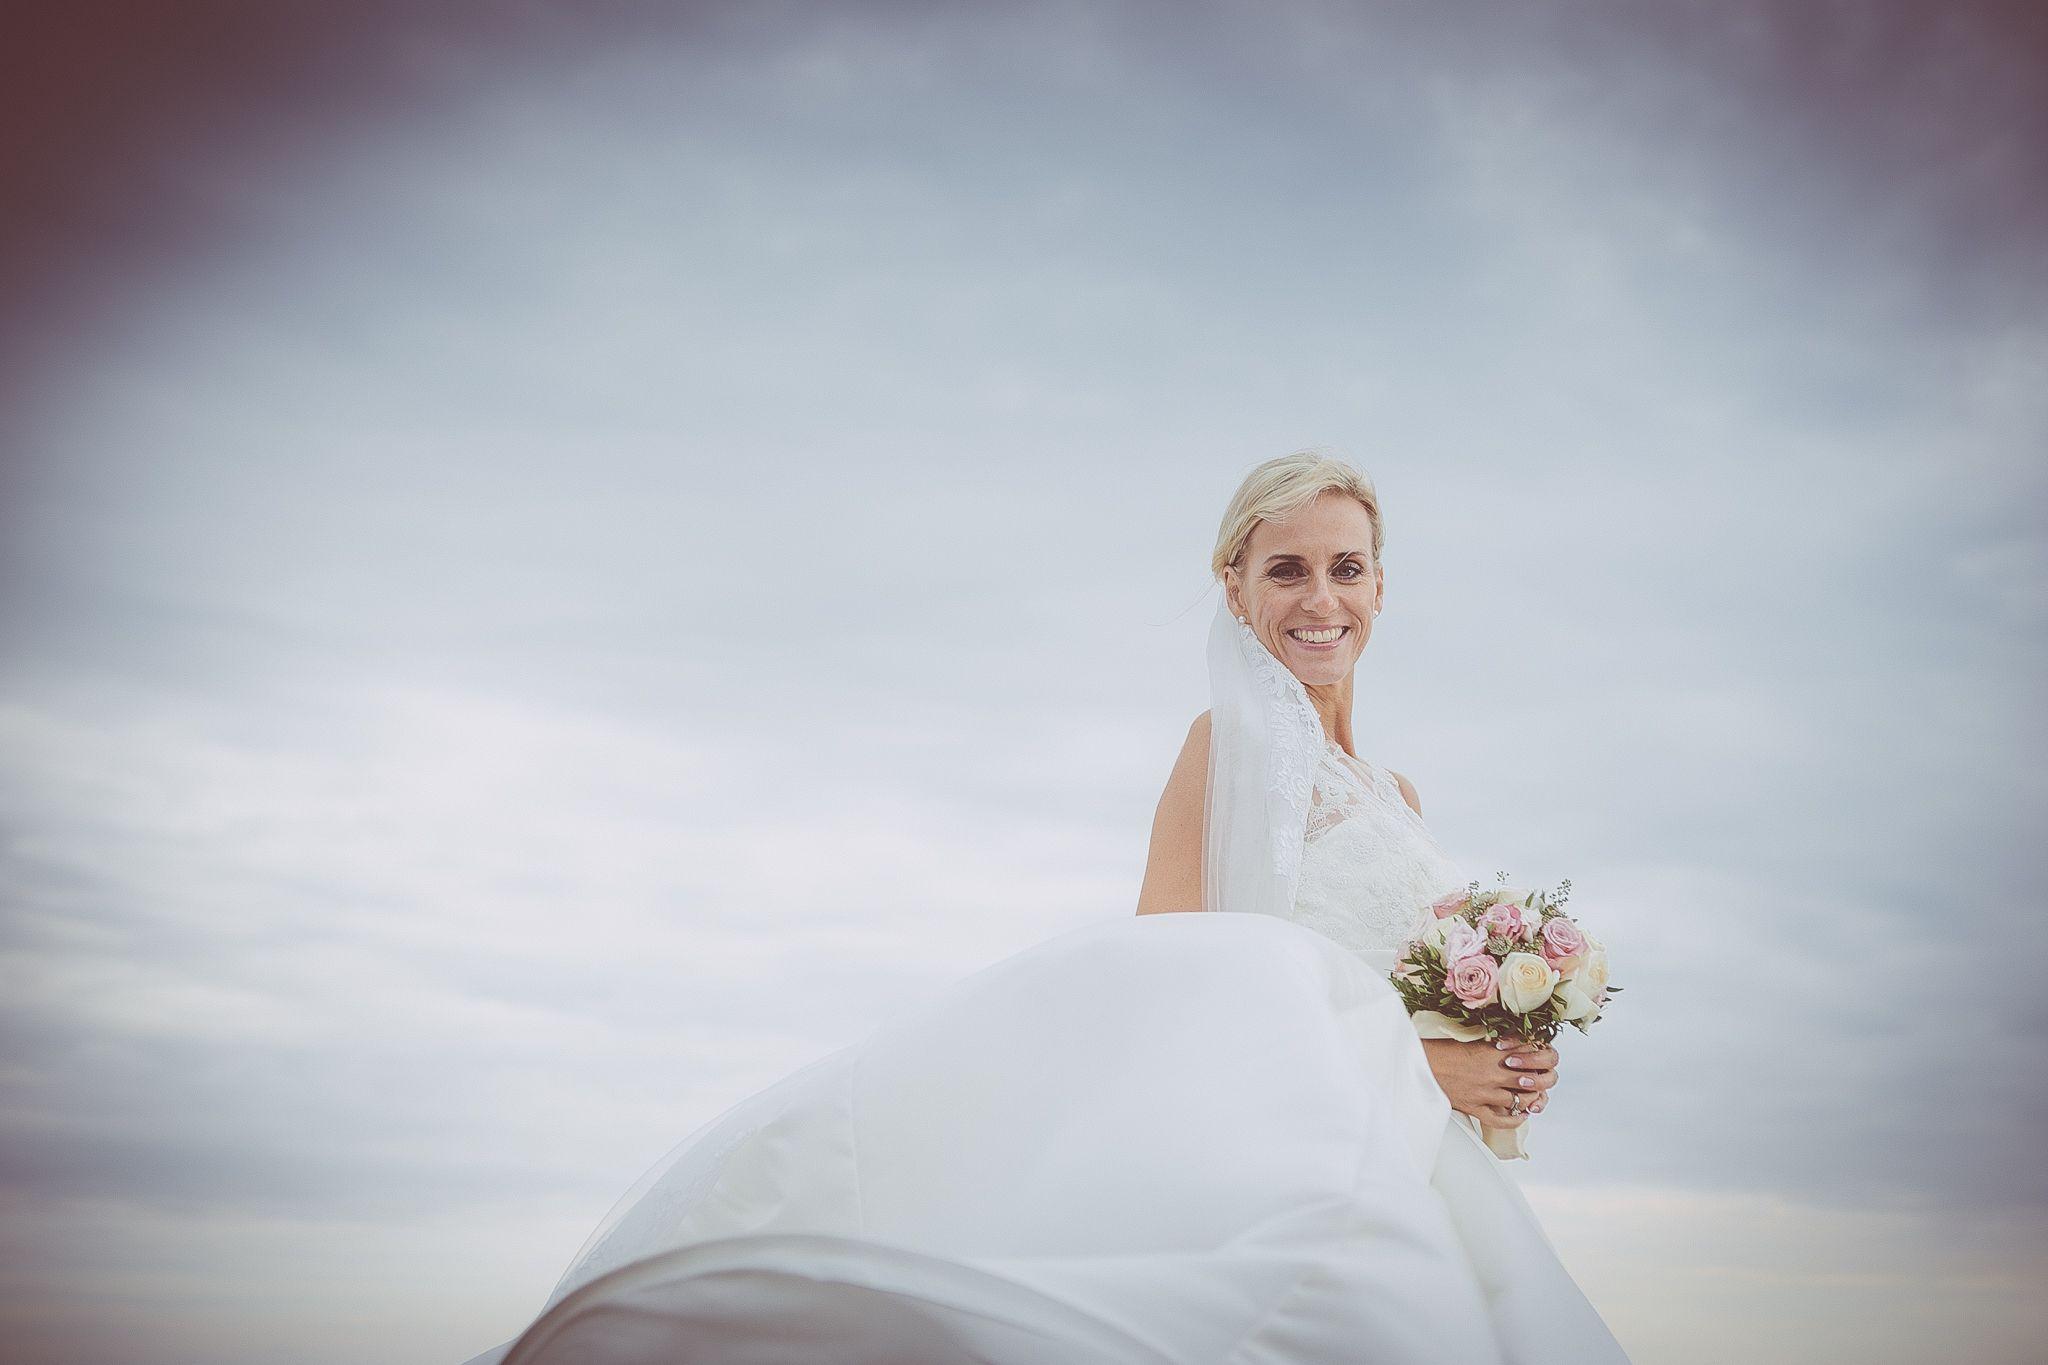 bryllupsbilleder_mads_eneqvist_33 Bryllupsbilleder